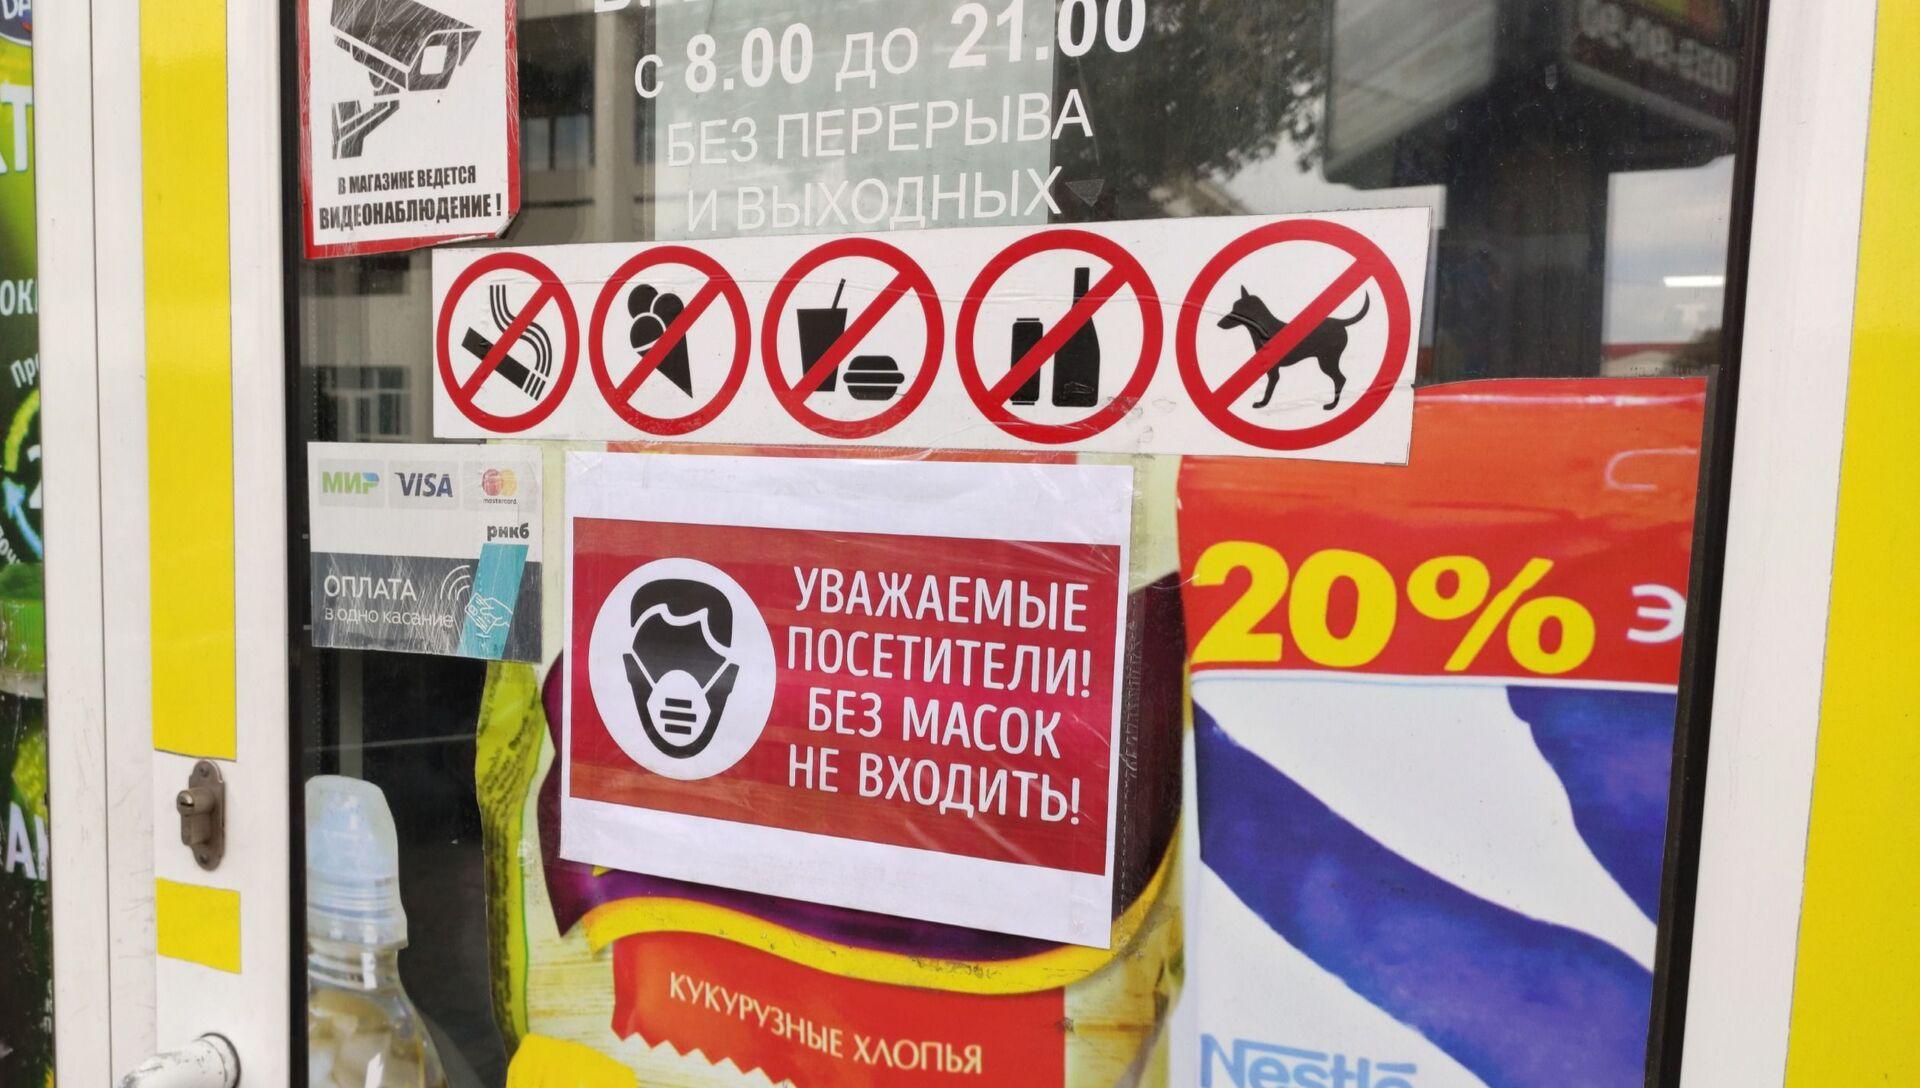 Объявление о масочном режиме на двери магазина - РИА Новости, 1920, 14.10.2020